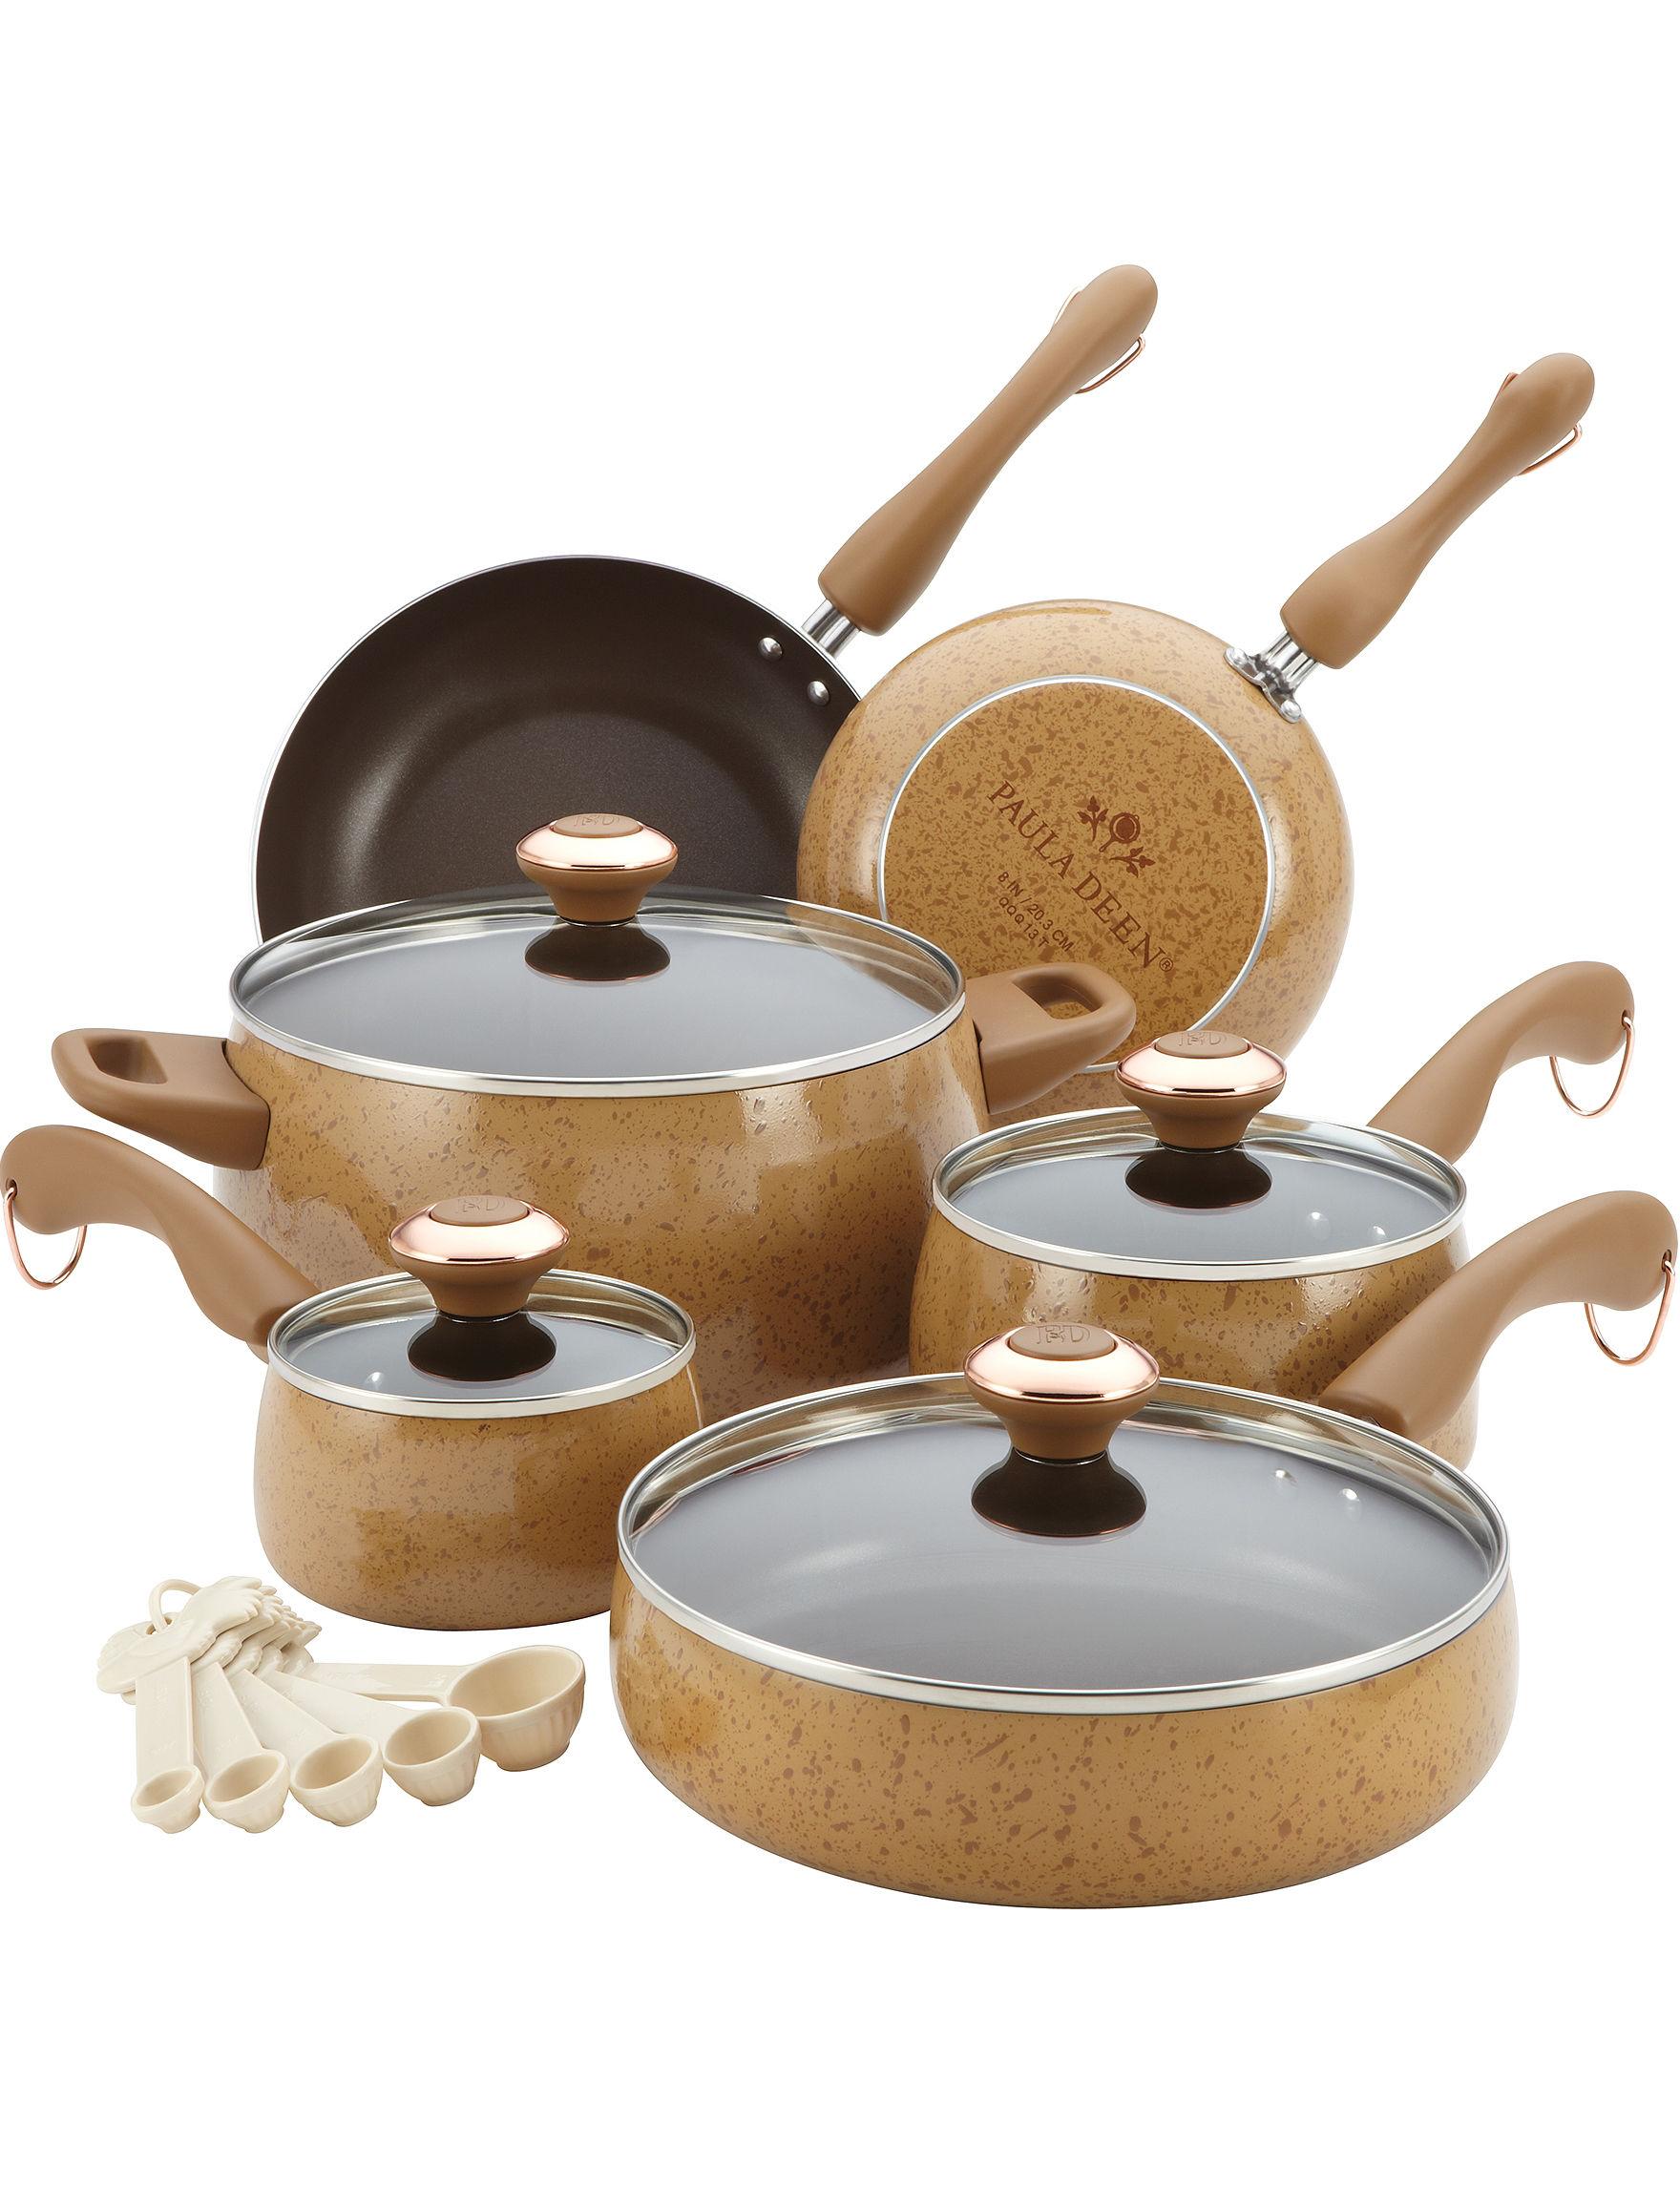 Paula Deen Yellow Cookware Sets Cookware